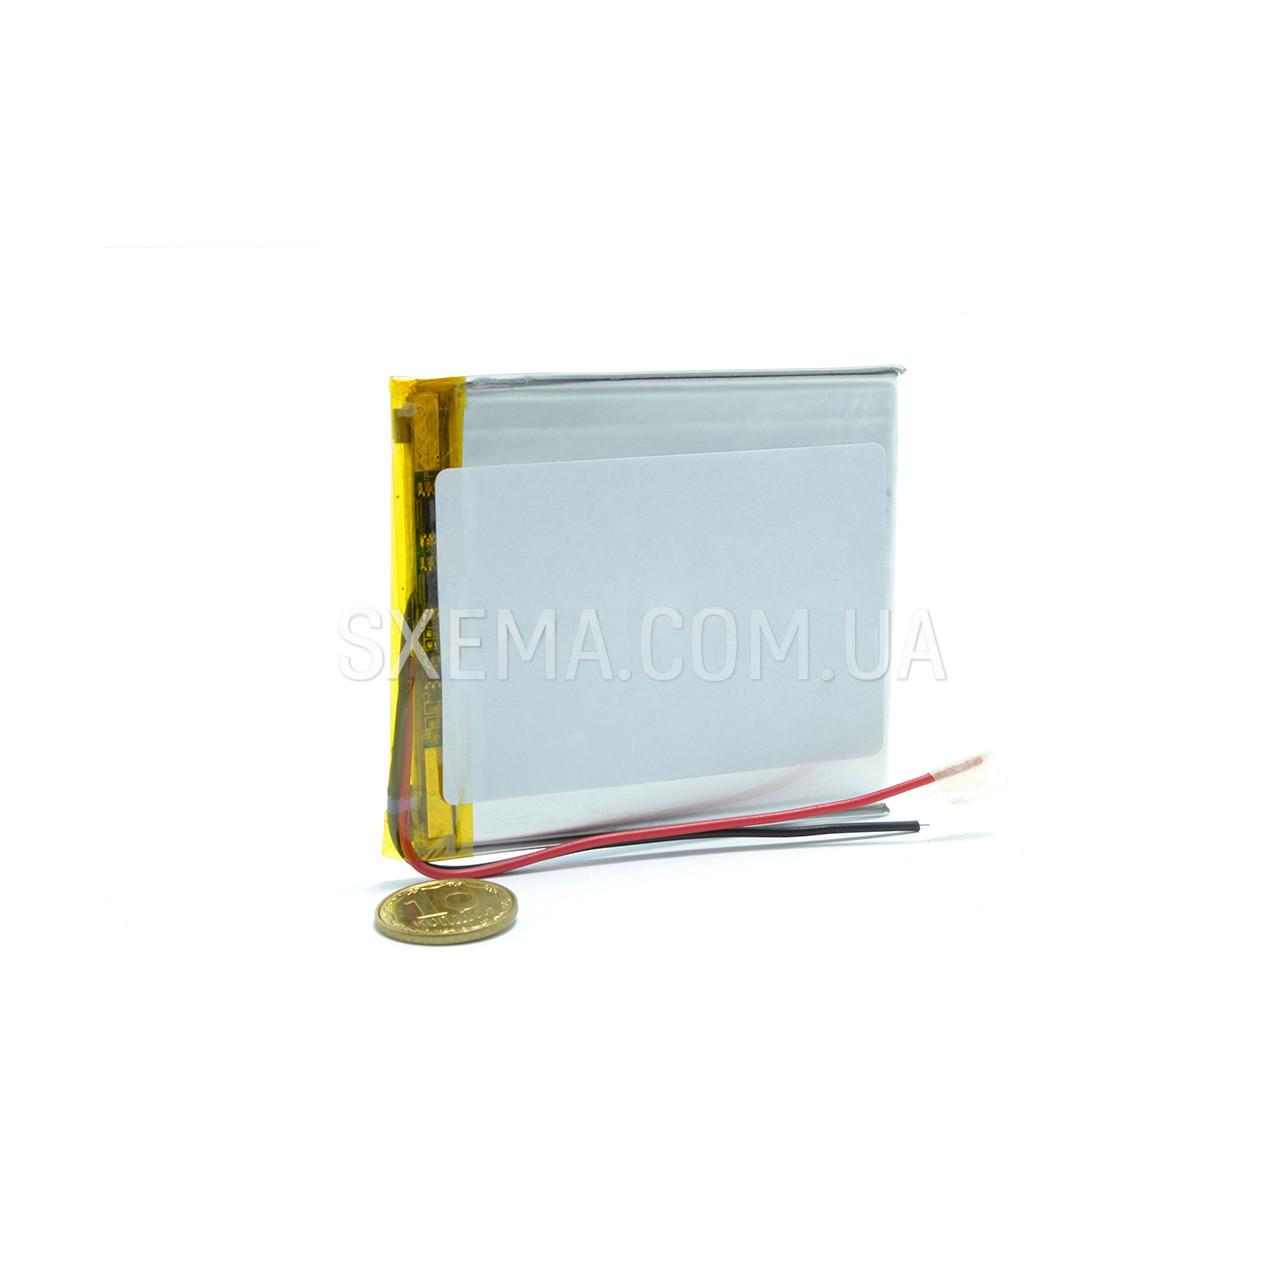 Аккумулятор универсальный 046365 (Li-ion 3.7В 2300мА·ч), (65*63*4 мм)